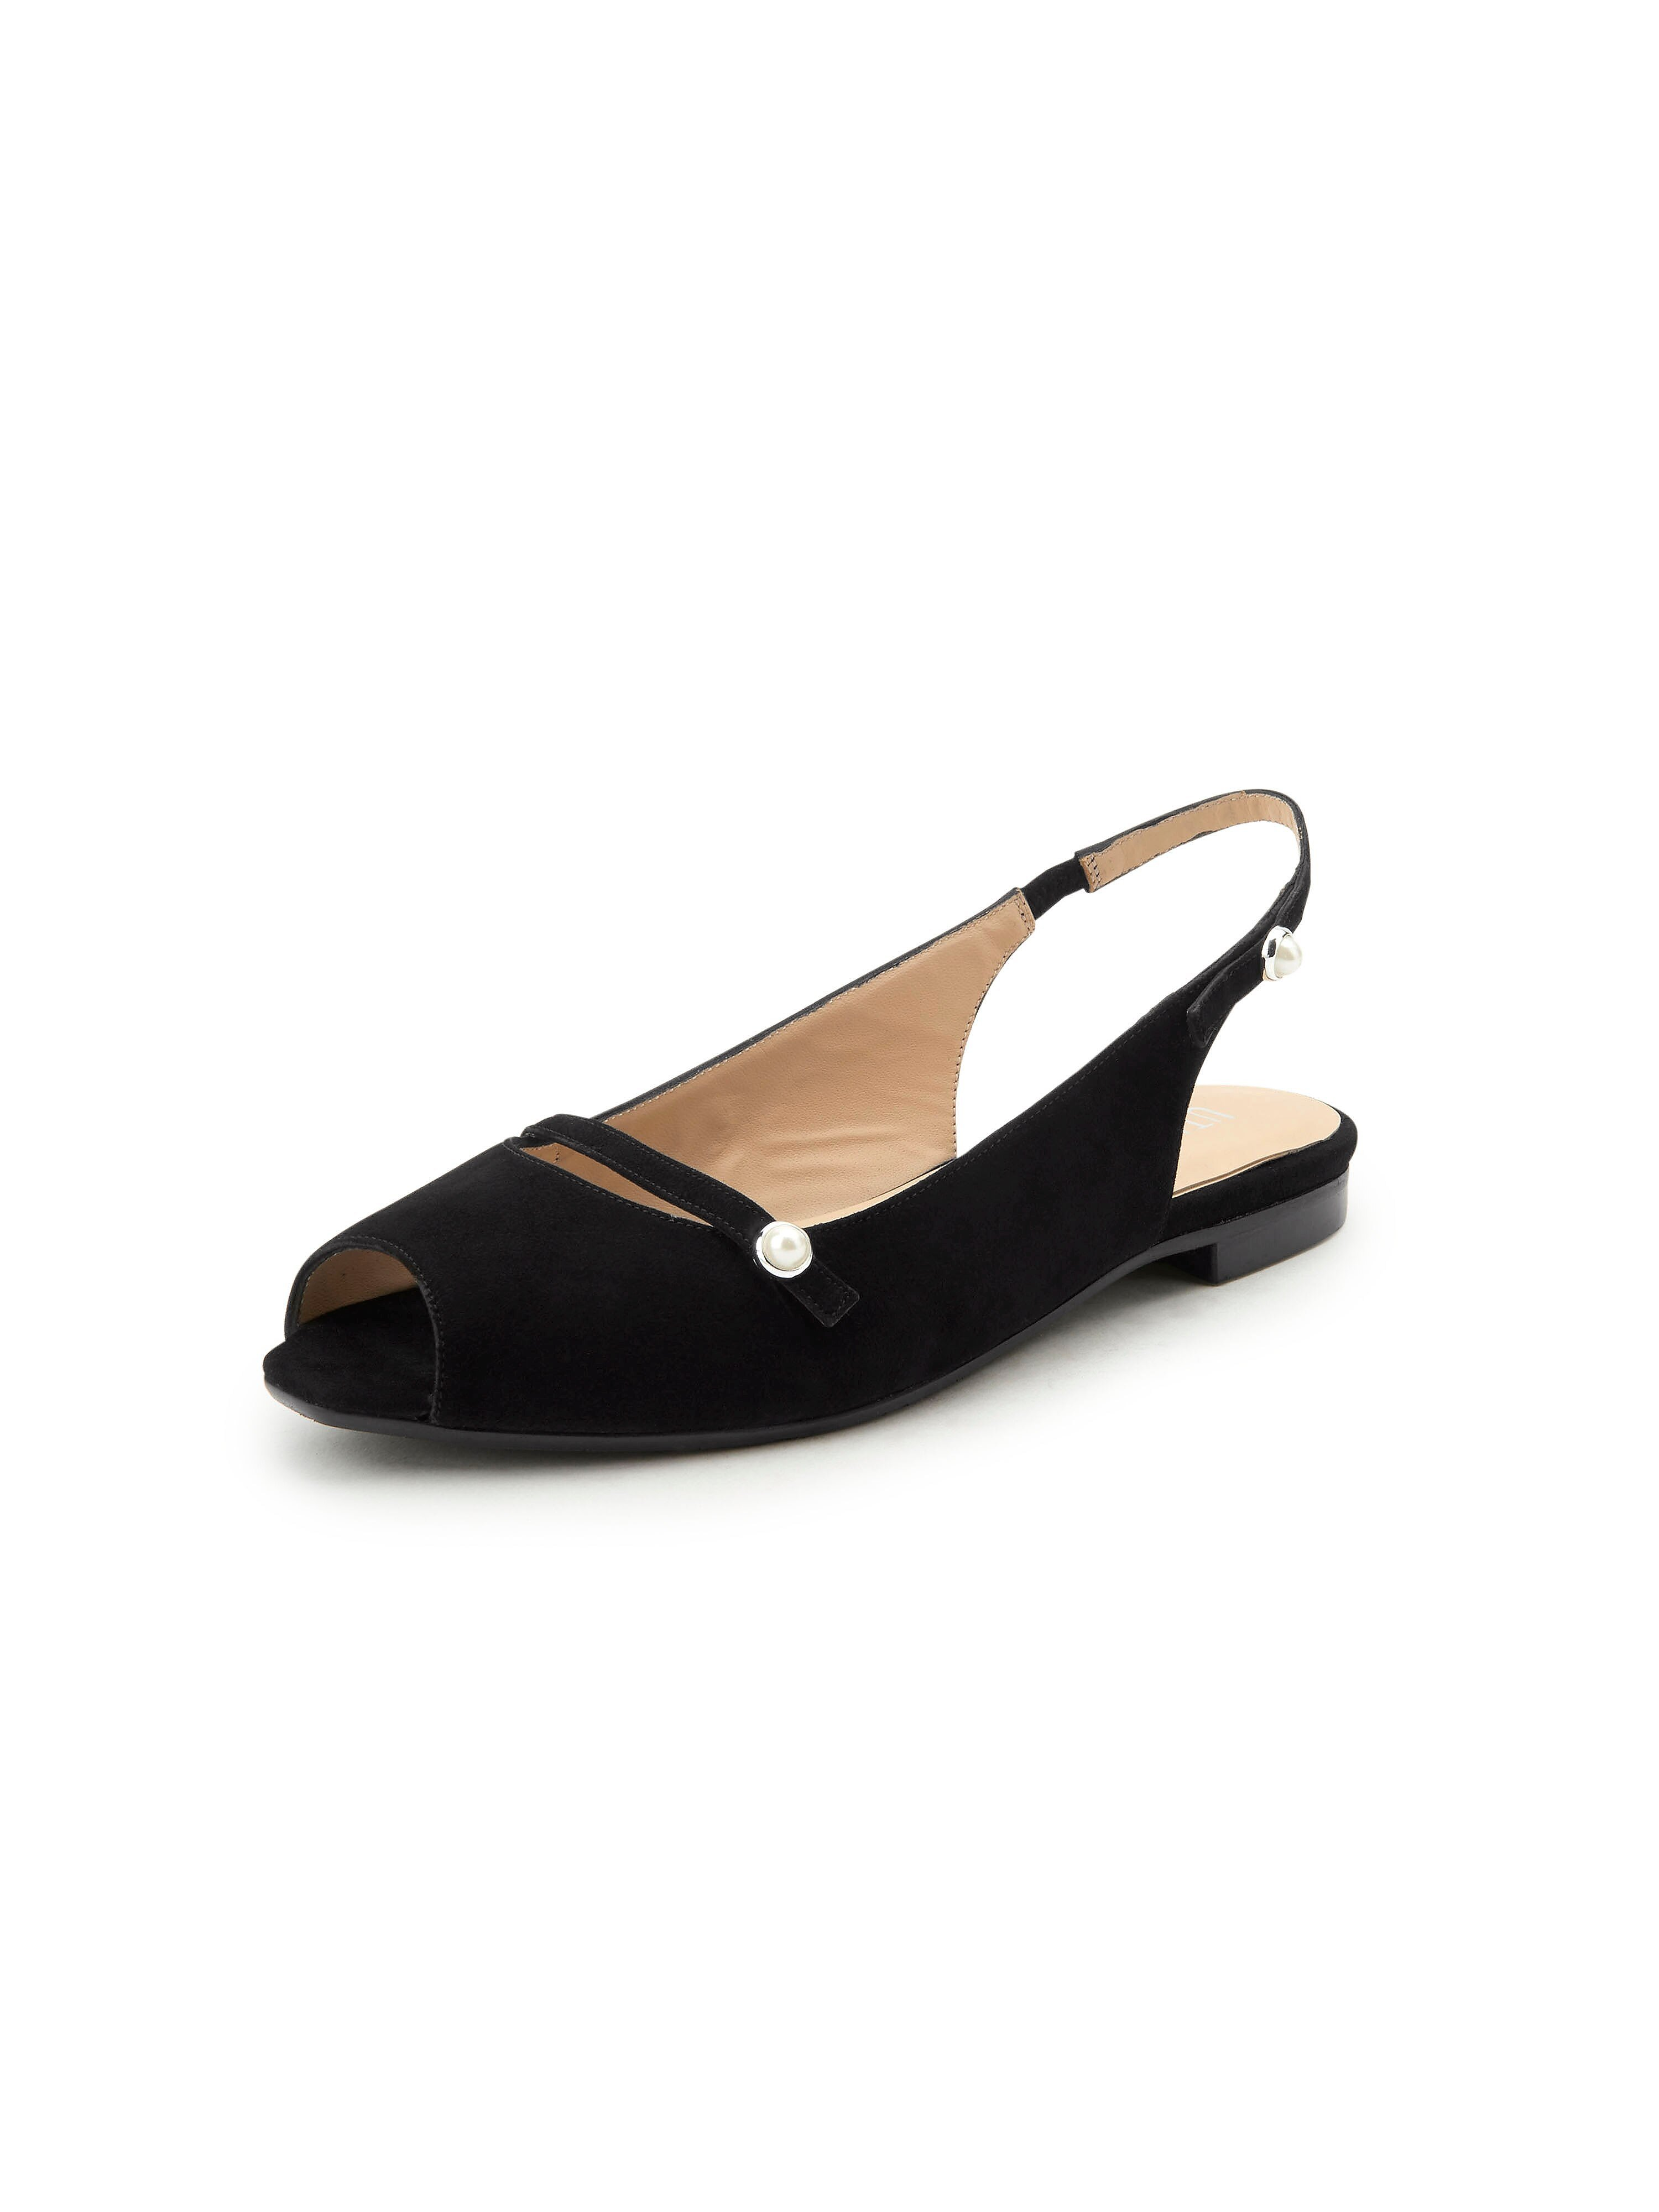 Les sandales  Uta Raasch noir taille 39